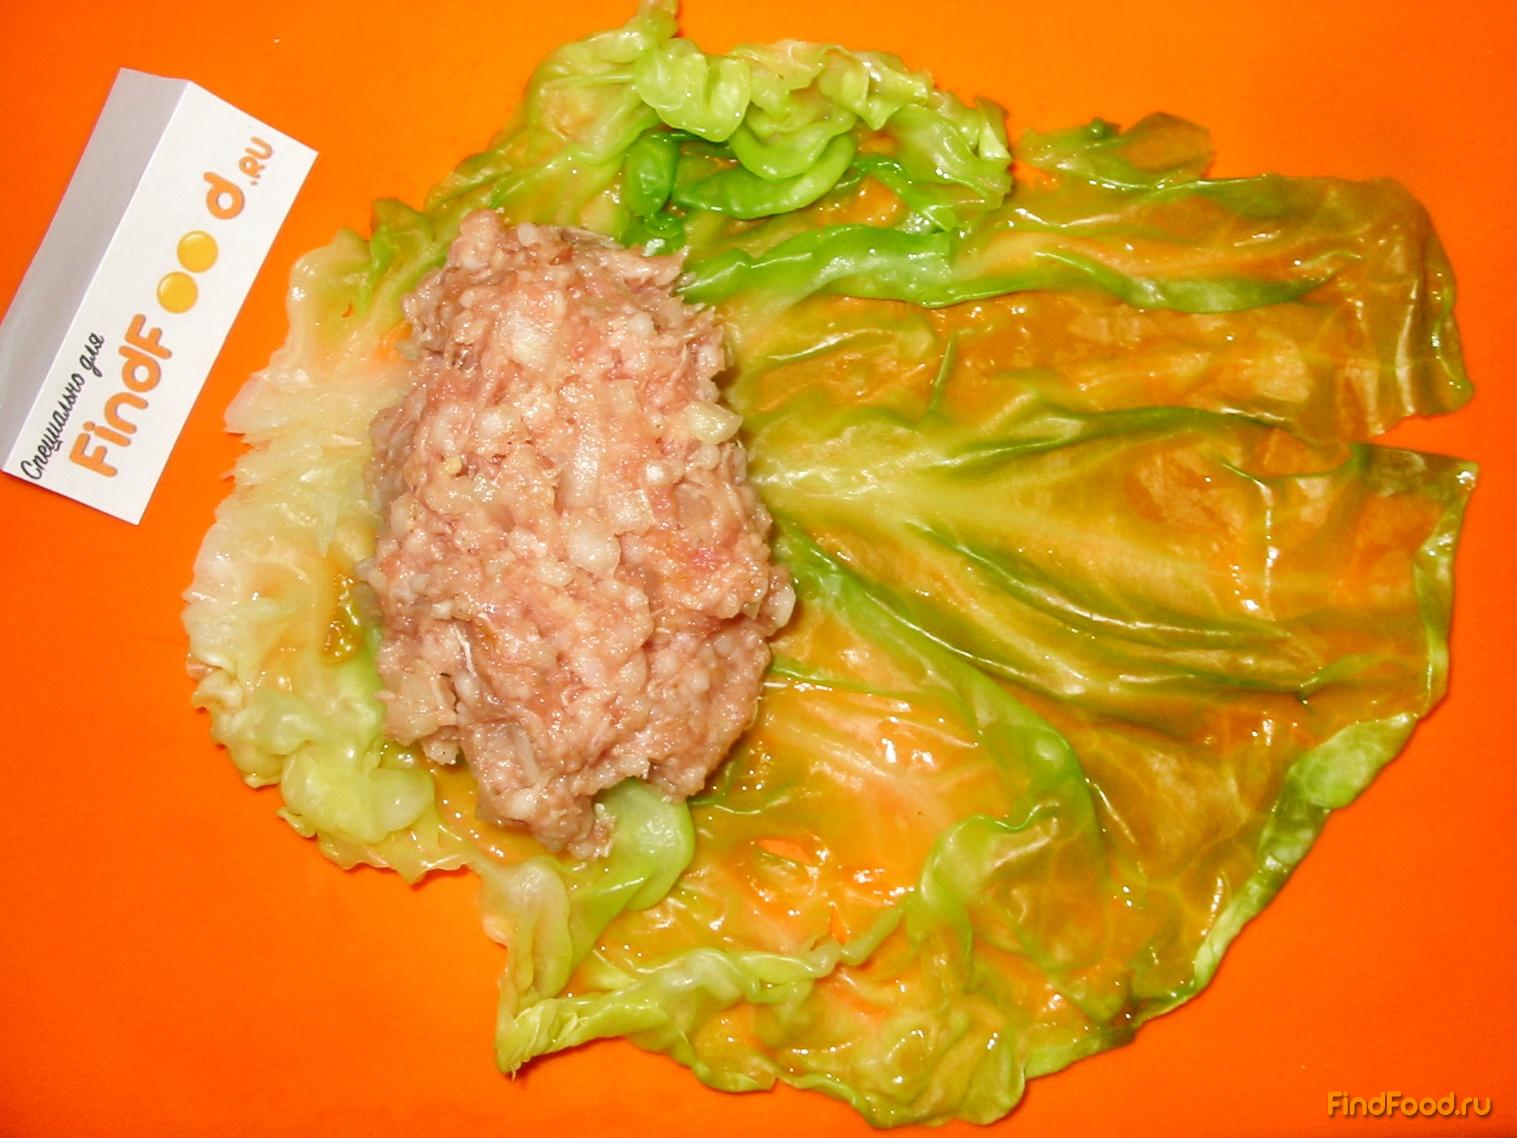 Голубцы в сметанном соусе рецепт с фото 7-го шага